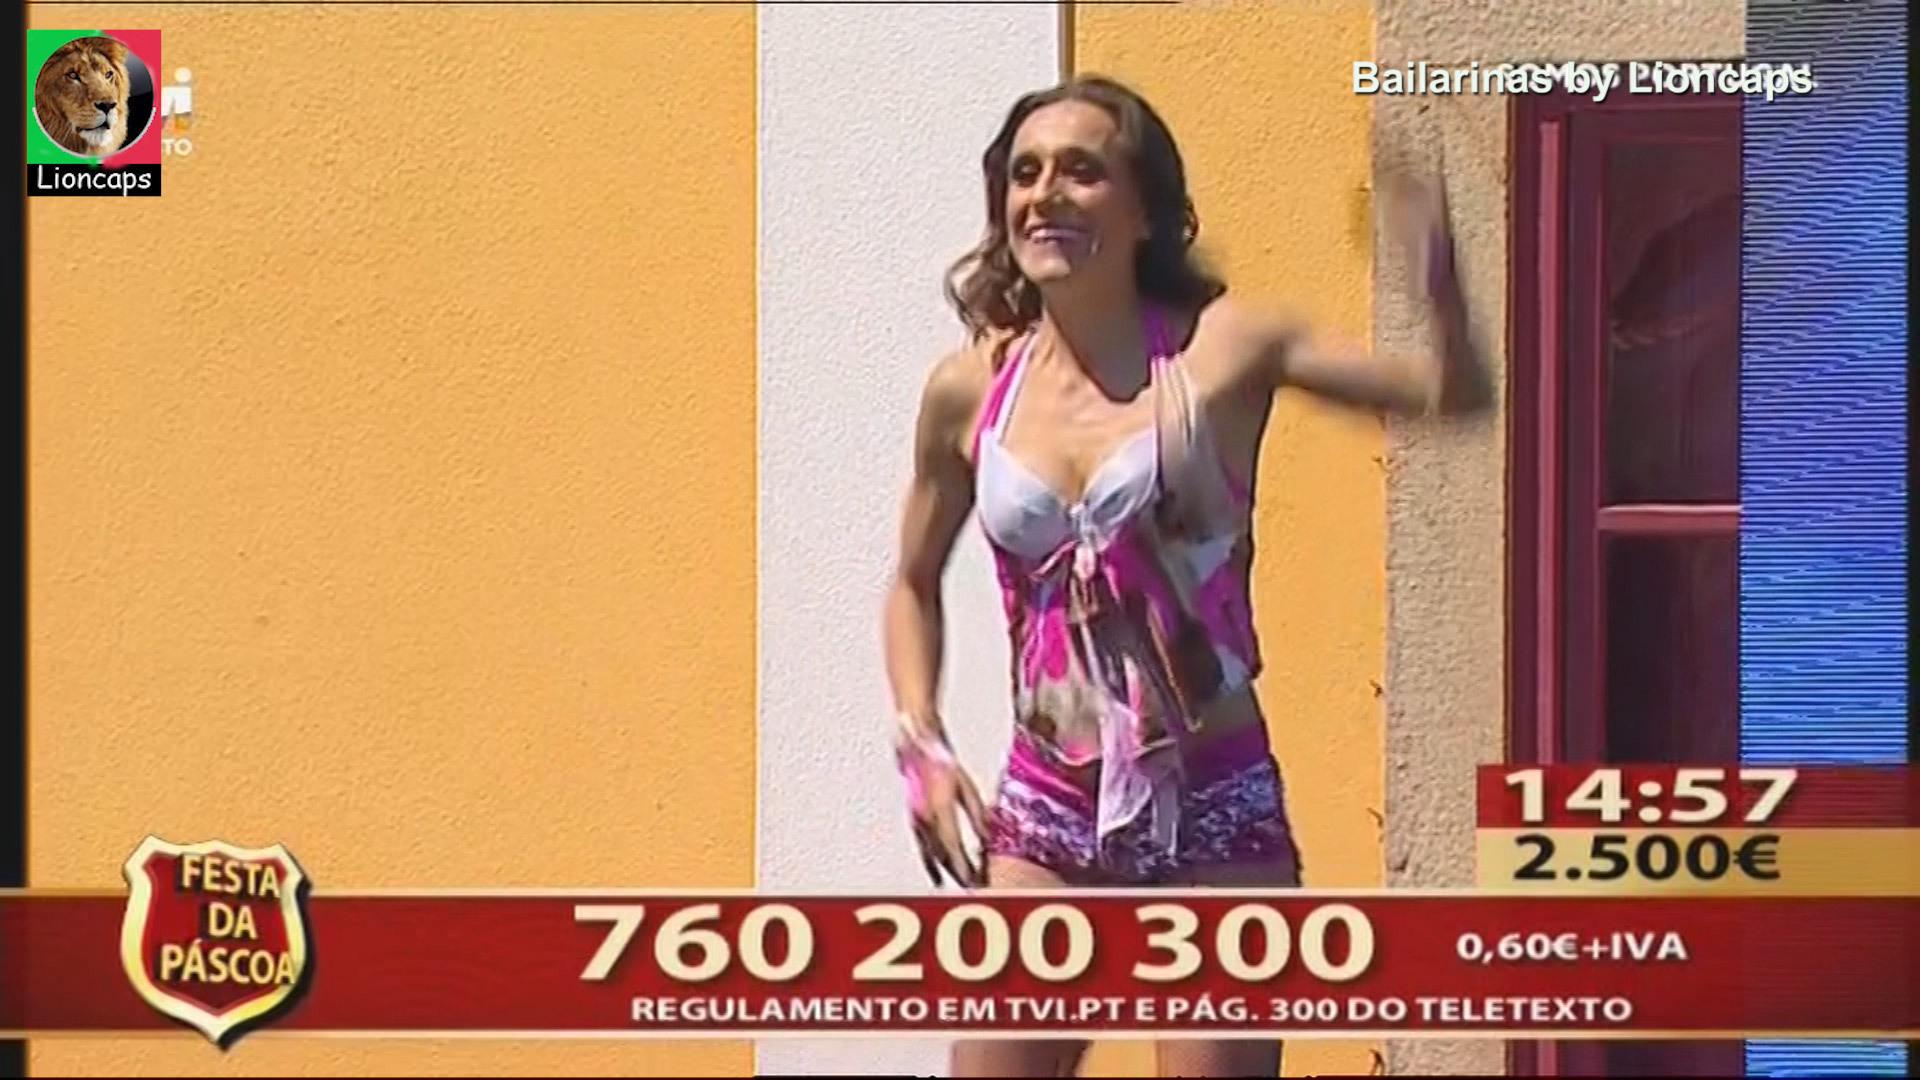 bailarinas (38).jpg